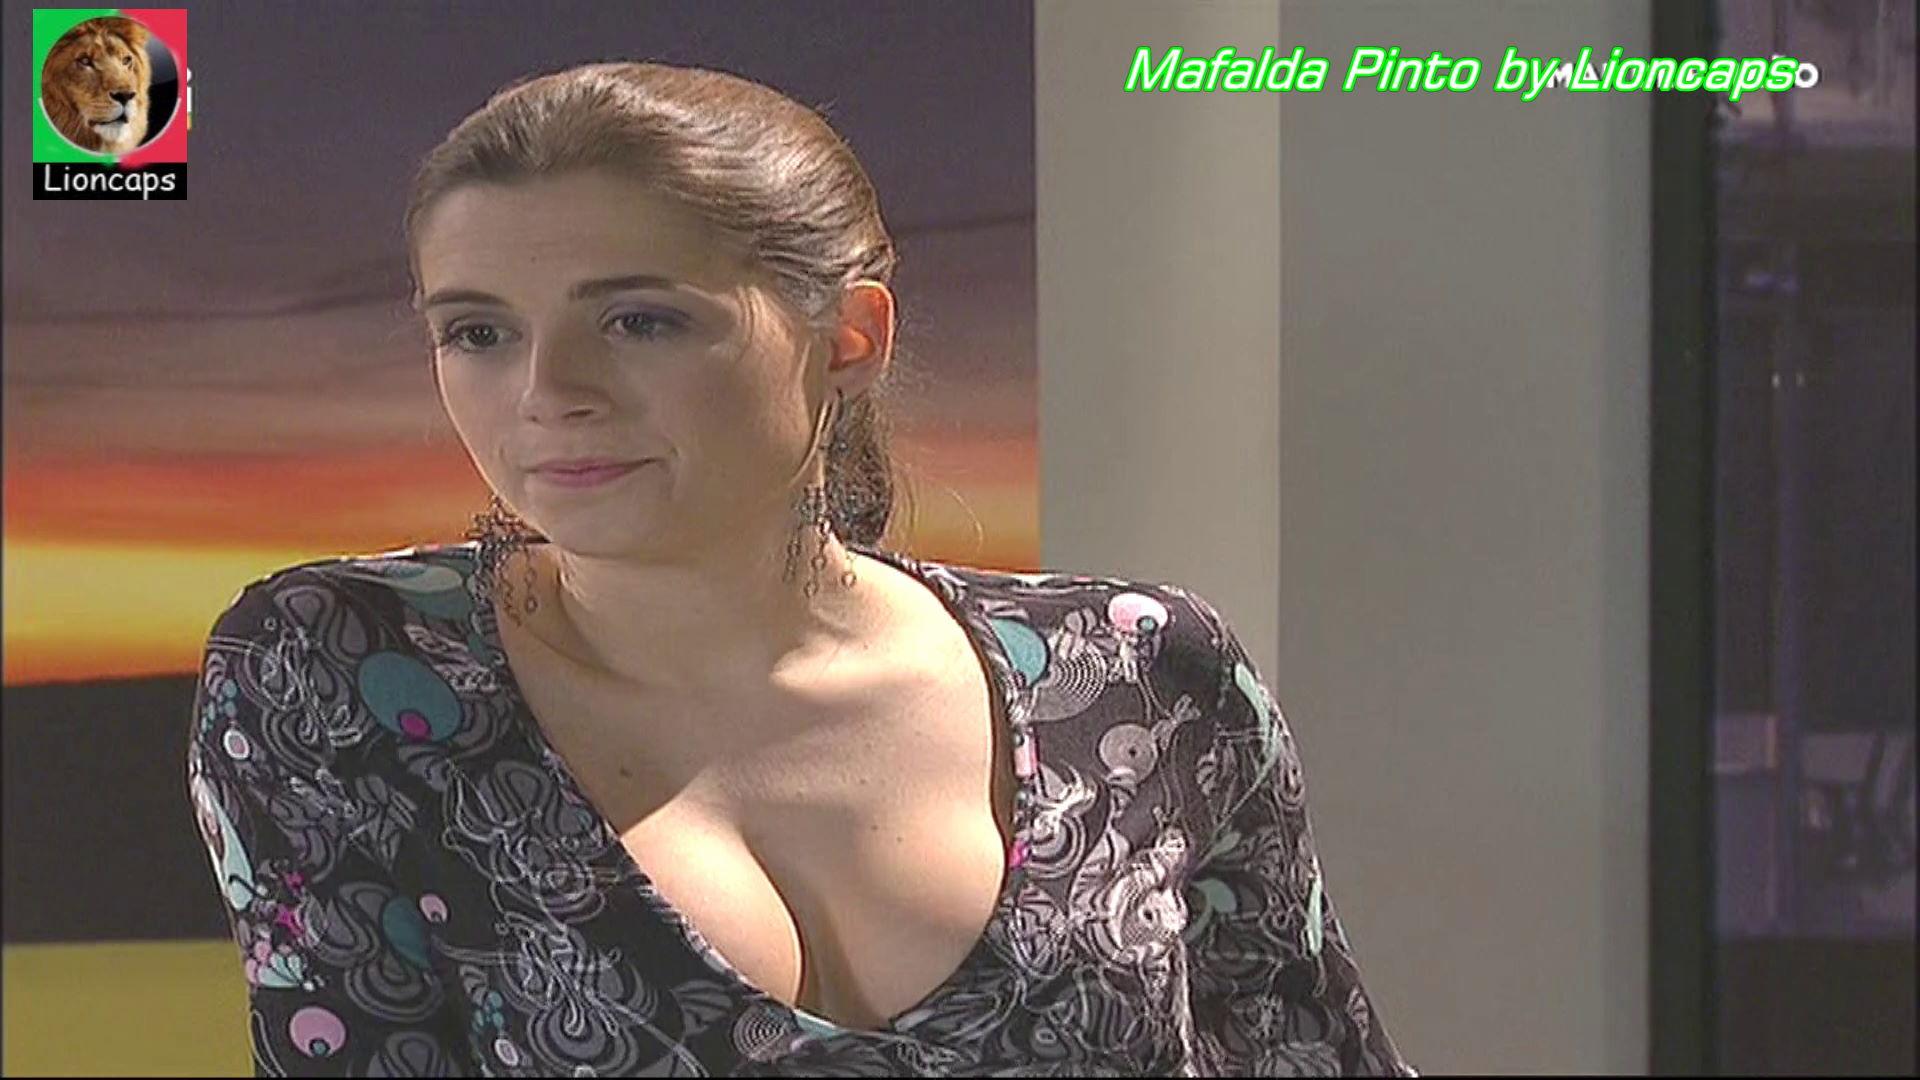 275699801_mafalda_pinto_vs170924_0584_122_380lo.JPG